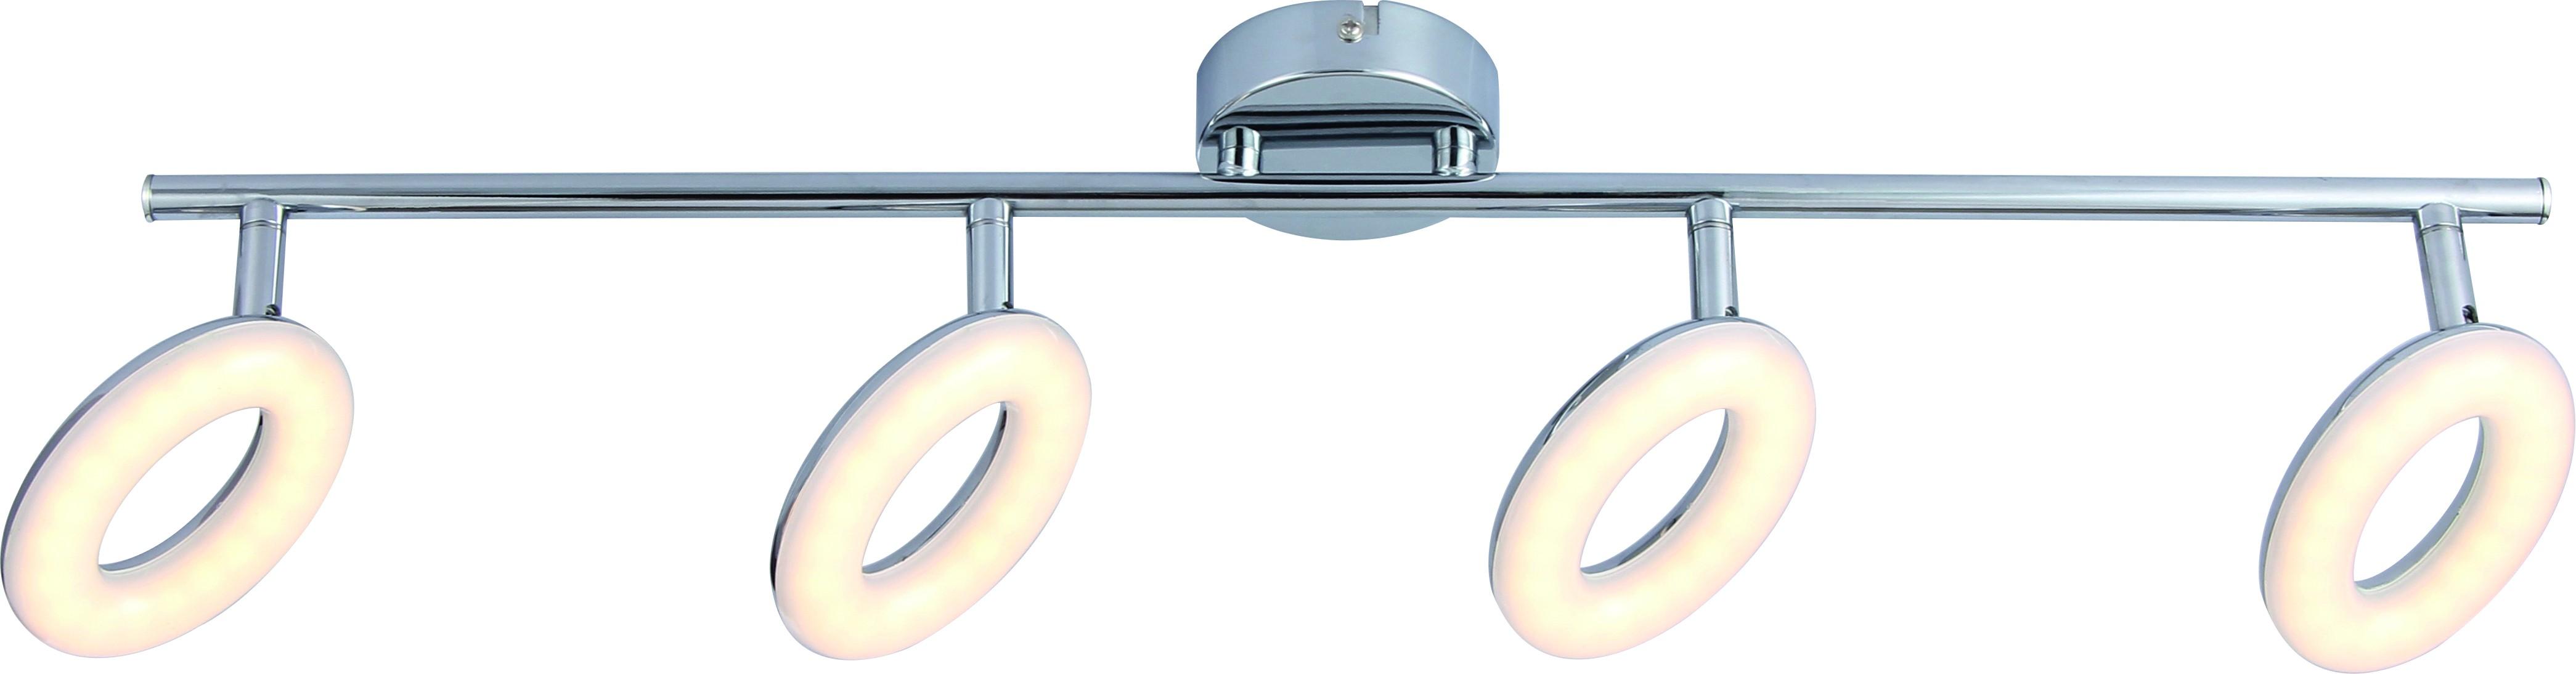 Спот Arte lamp A8972pl-4cc спот arte lamp ciambella a8972pl 3cc